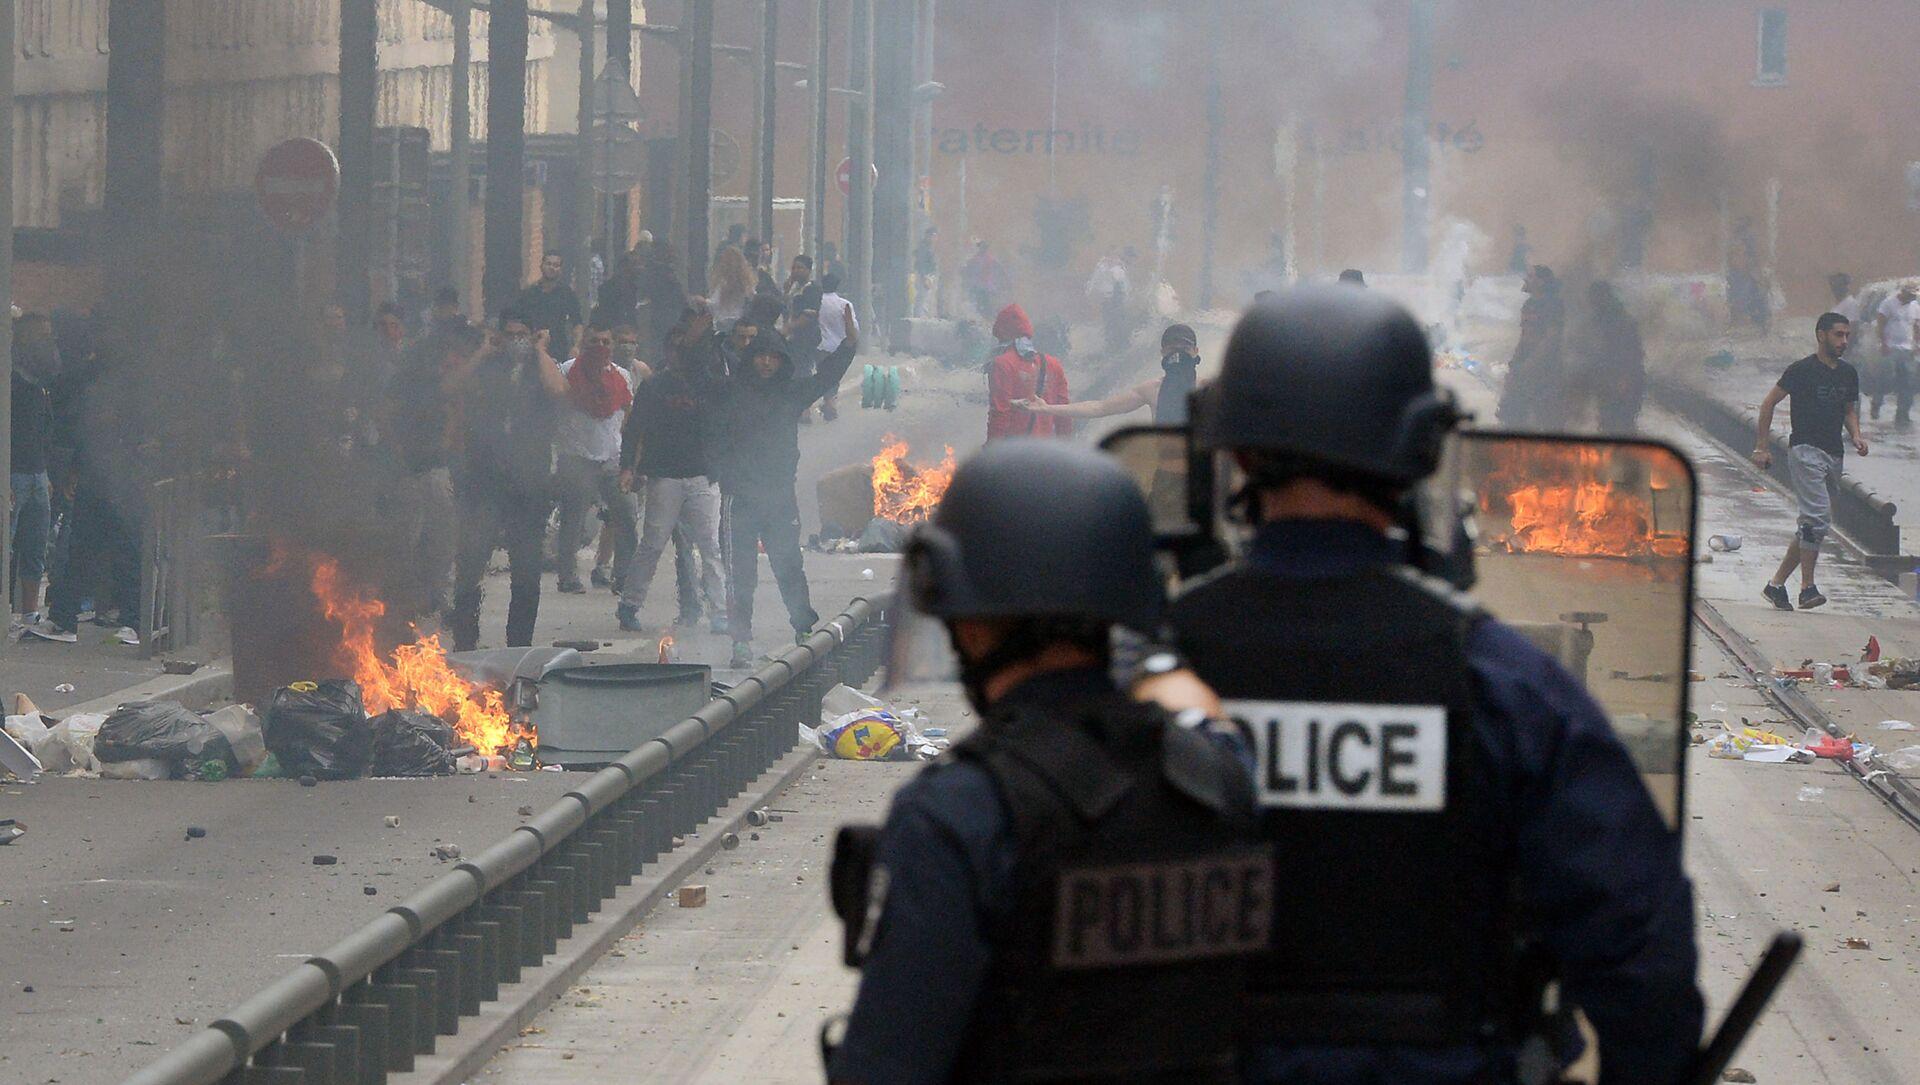 Émeutes à Sarcelles dans des manifestations pro-palestiniennes, juillet 2014 - Sputnik France, 1920, 05.03.2021